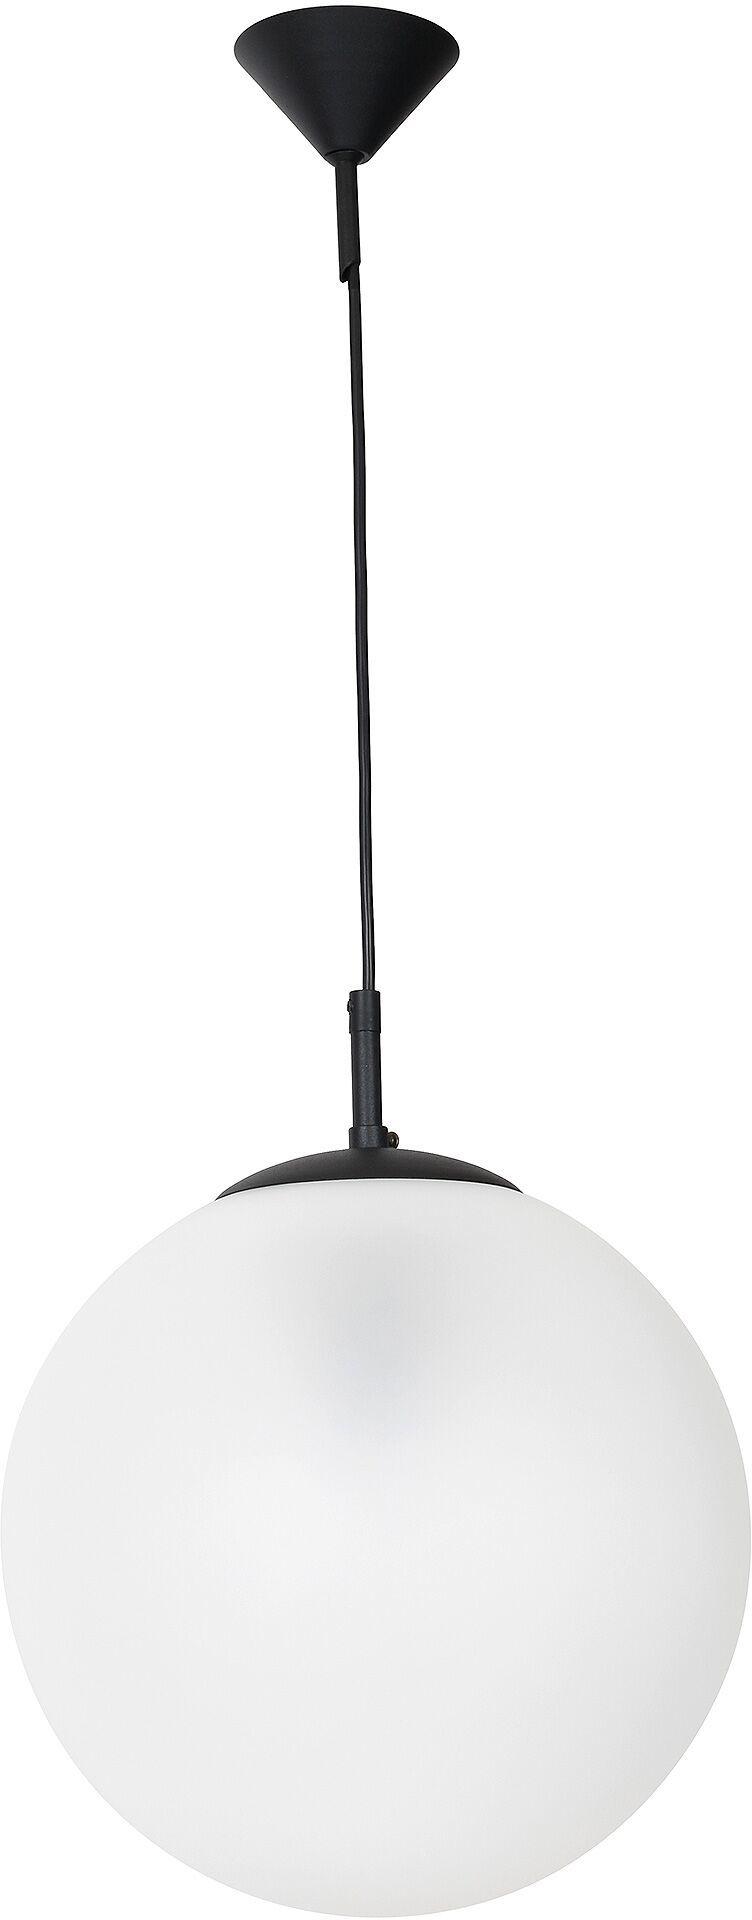 Lampa wisząca GLOBUS 562G6 Aldex czarno-biała oprawa w kształcie kuli